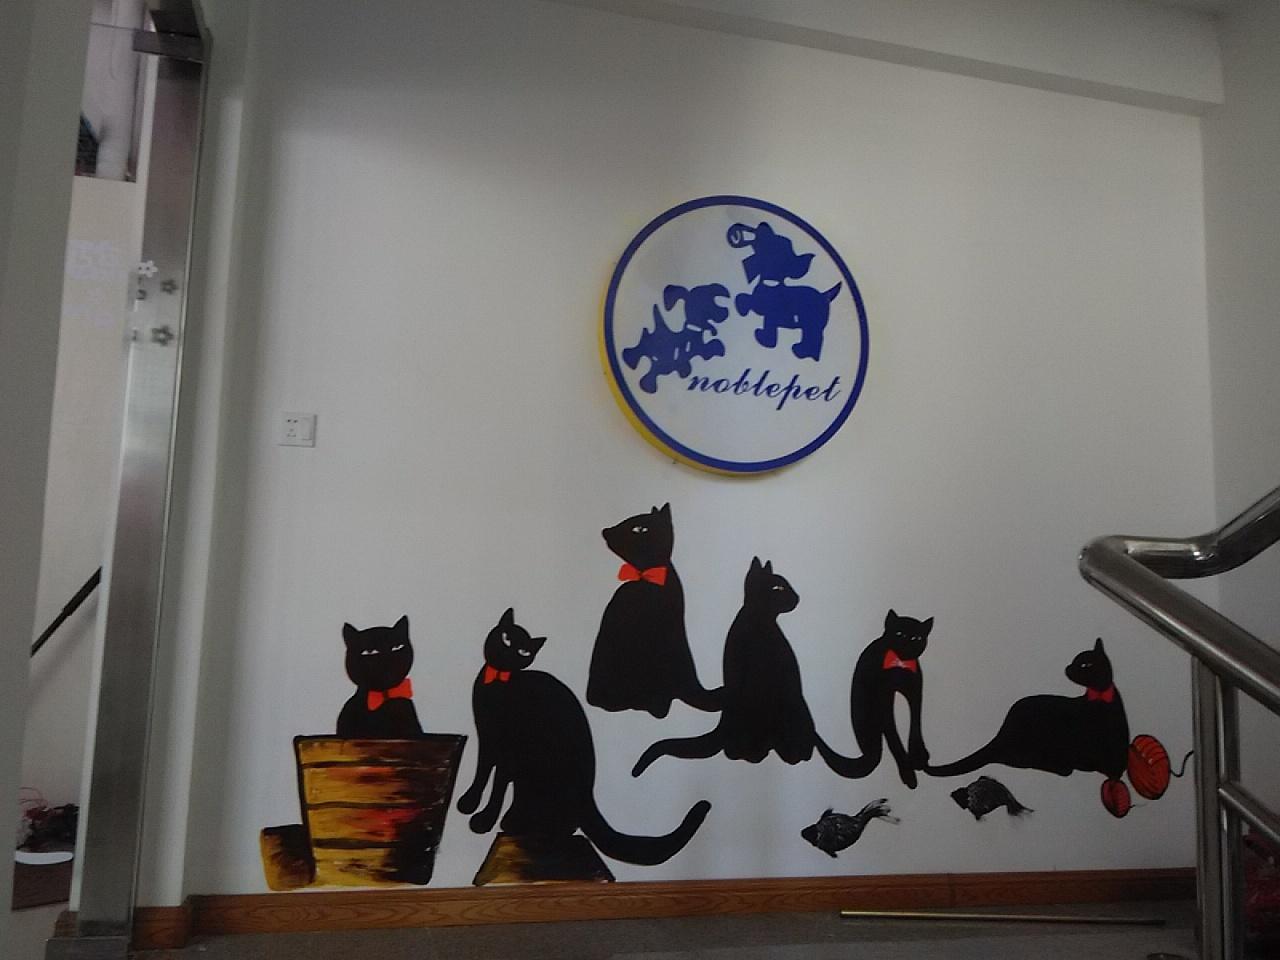 太原宠物店里的墙绘 手绘墙画 宠物店装修墙绘